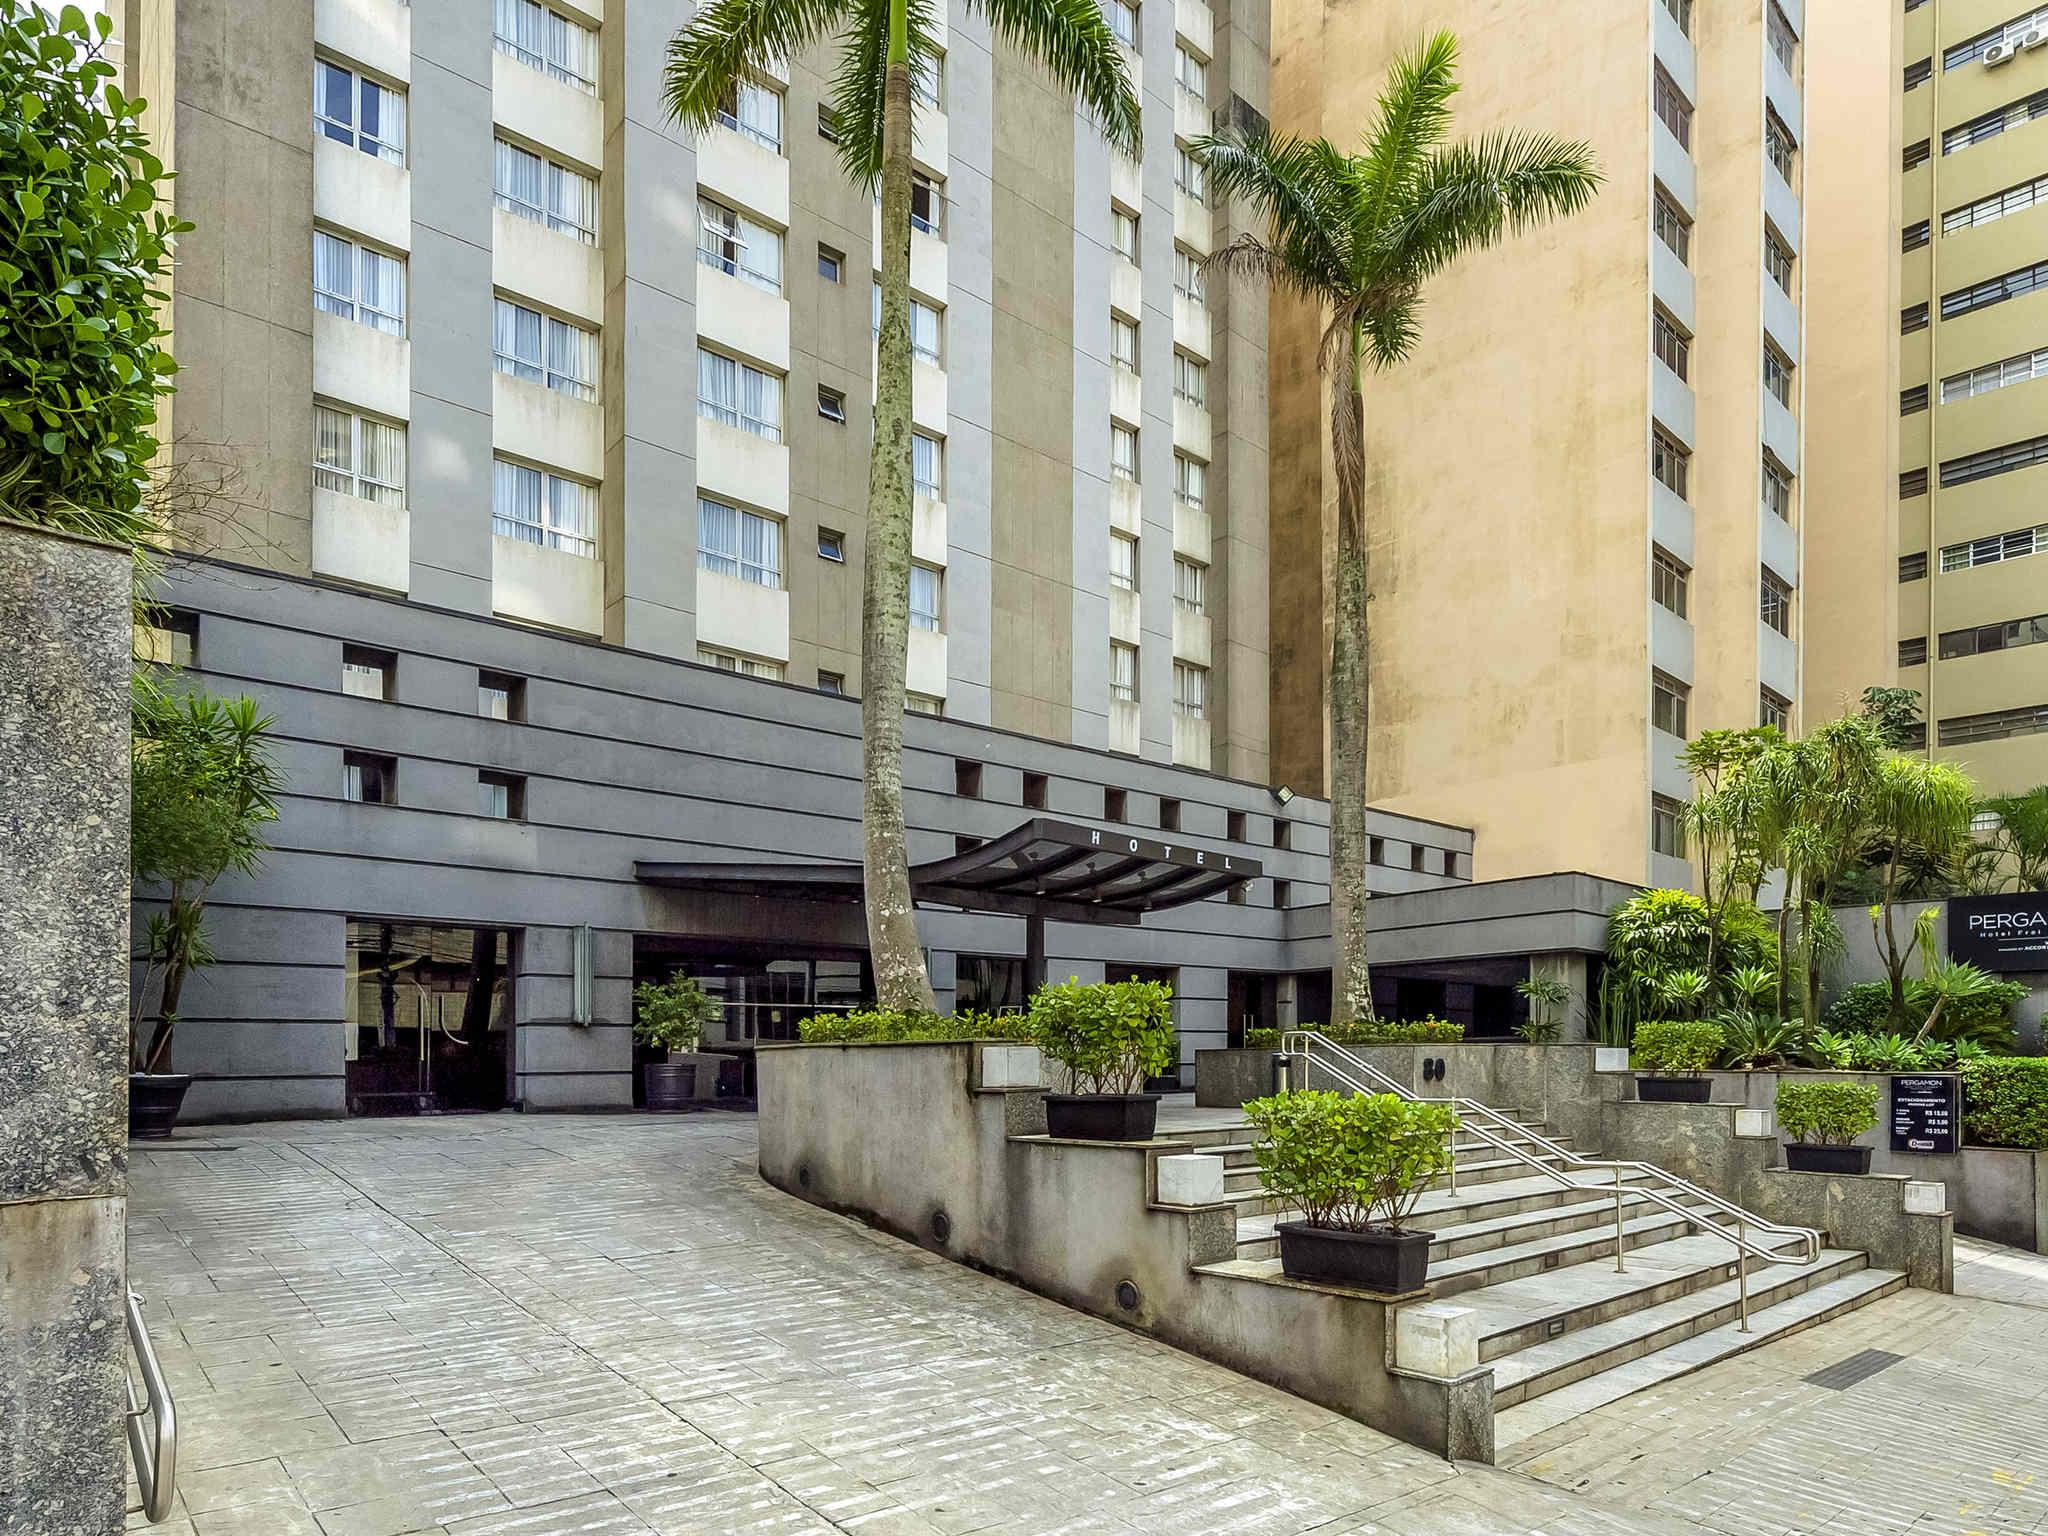 Hotel - Pergamon Hotel Frei Caneca - geführt von AccorHotels